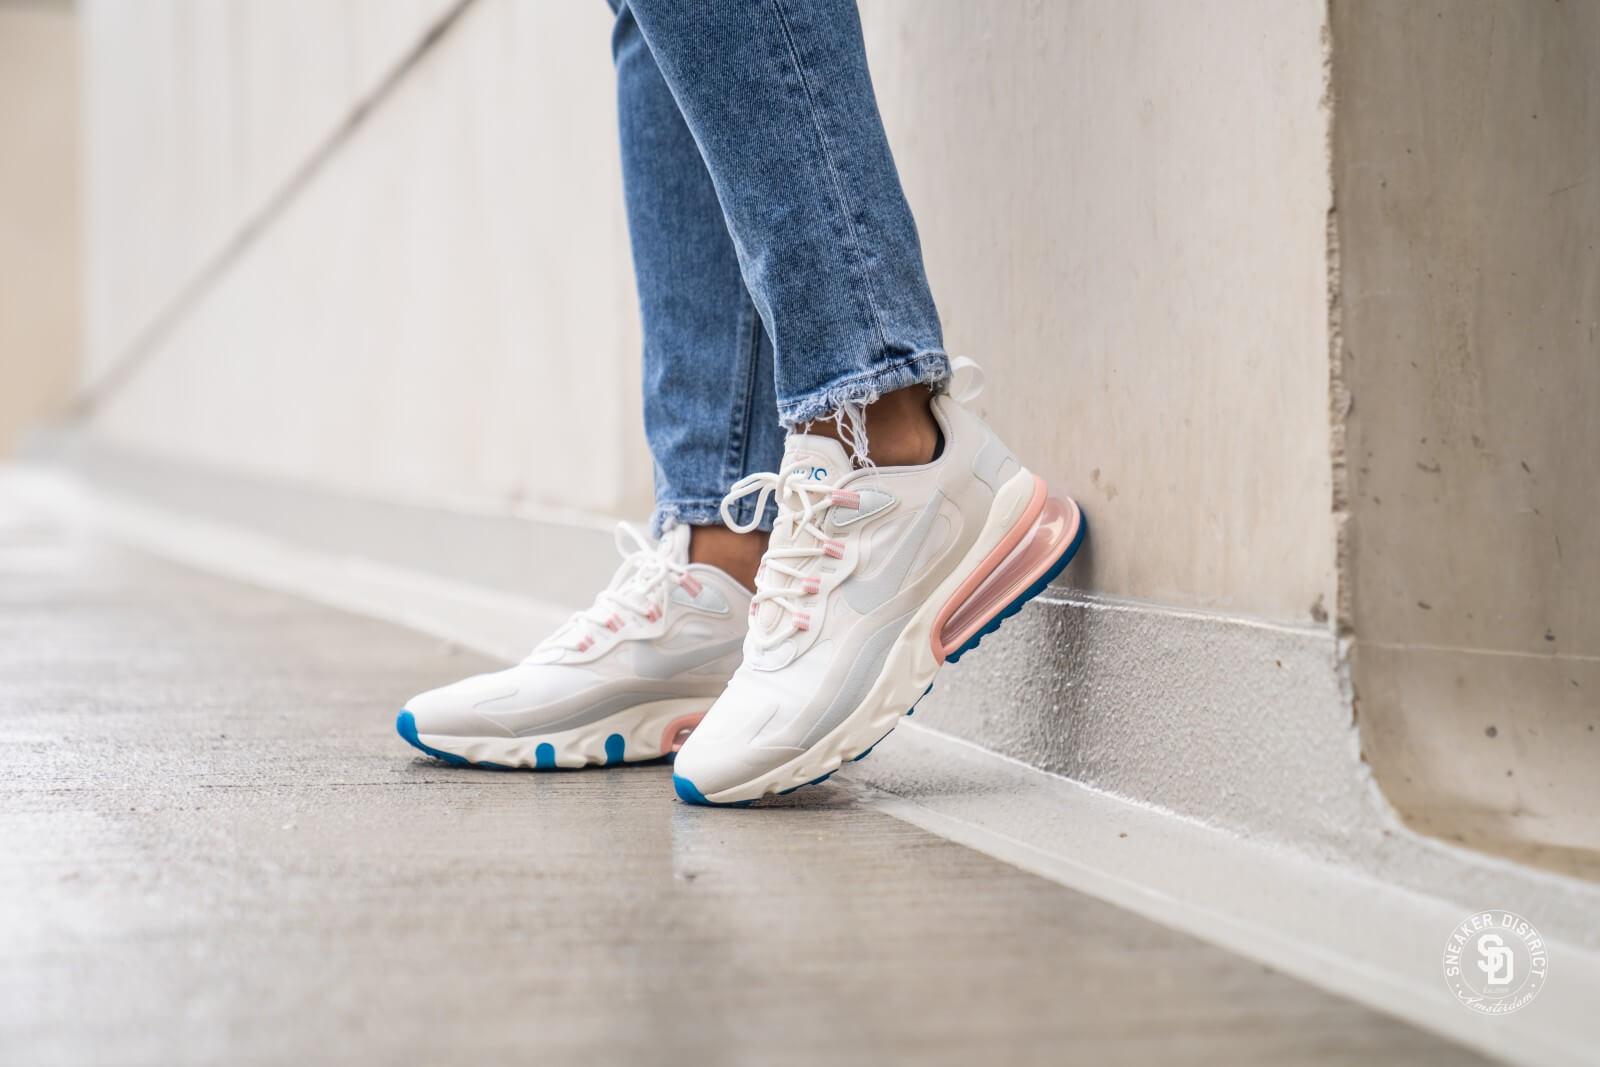 Nike Women's Air Max 270 React Summit WhiteGhost Aqua